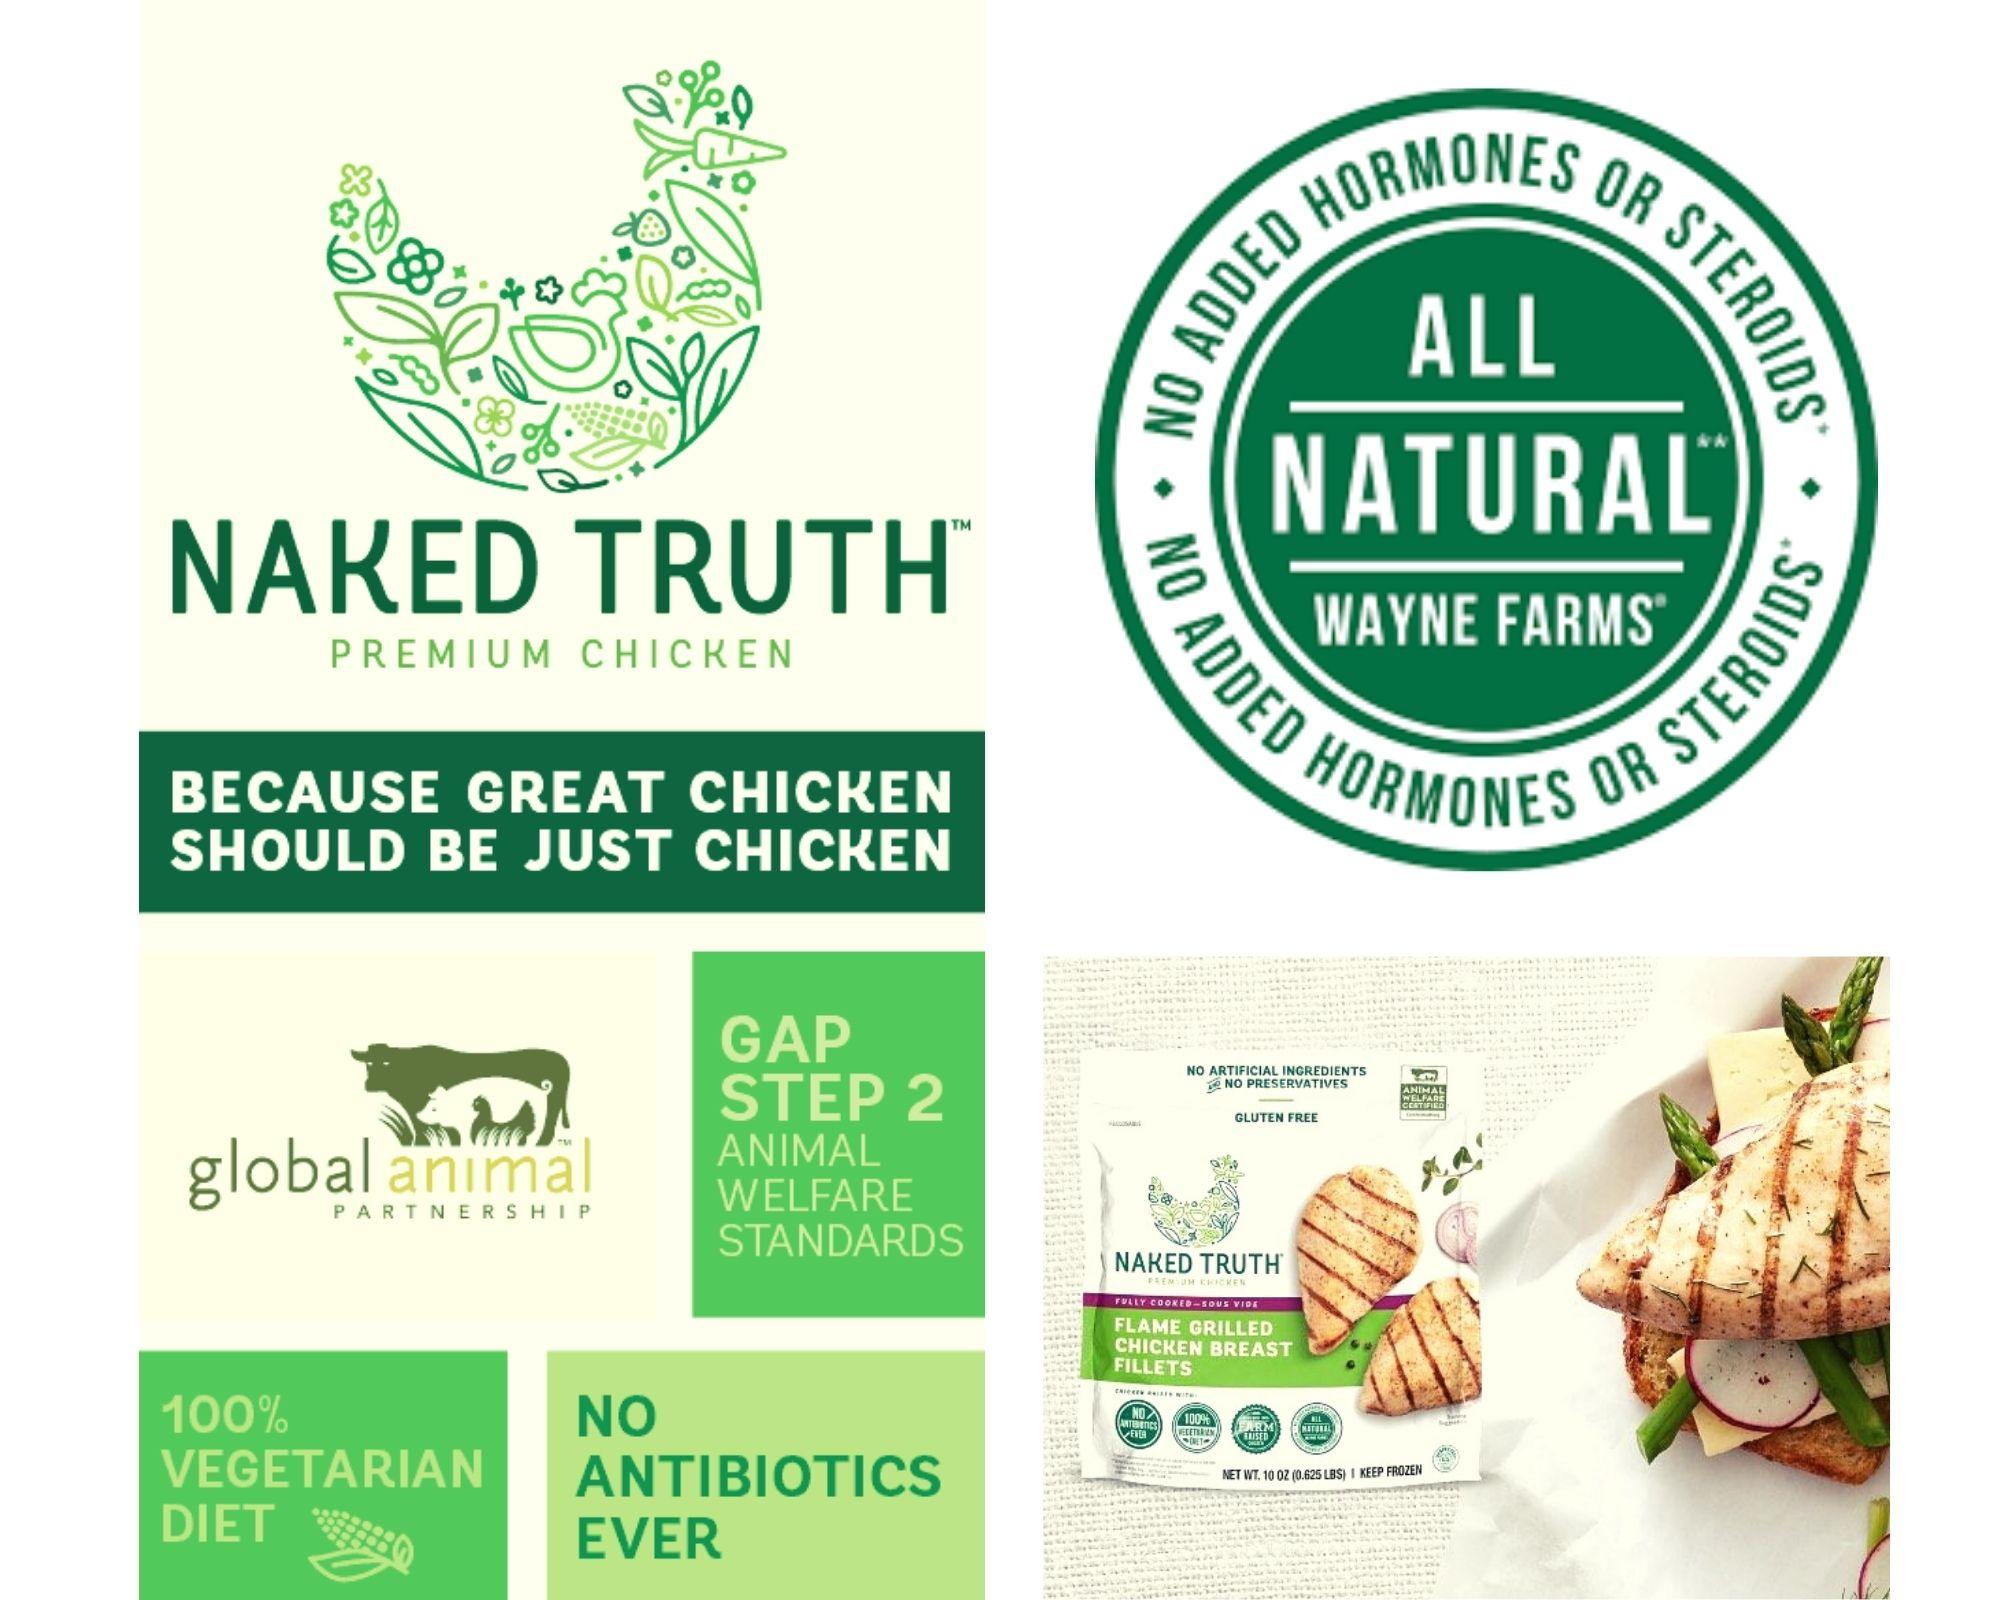 Naked Truth Premium Chicken